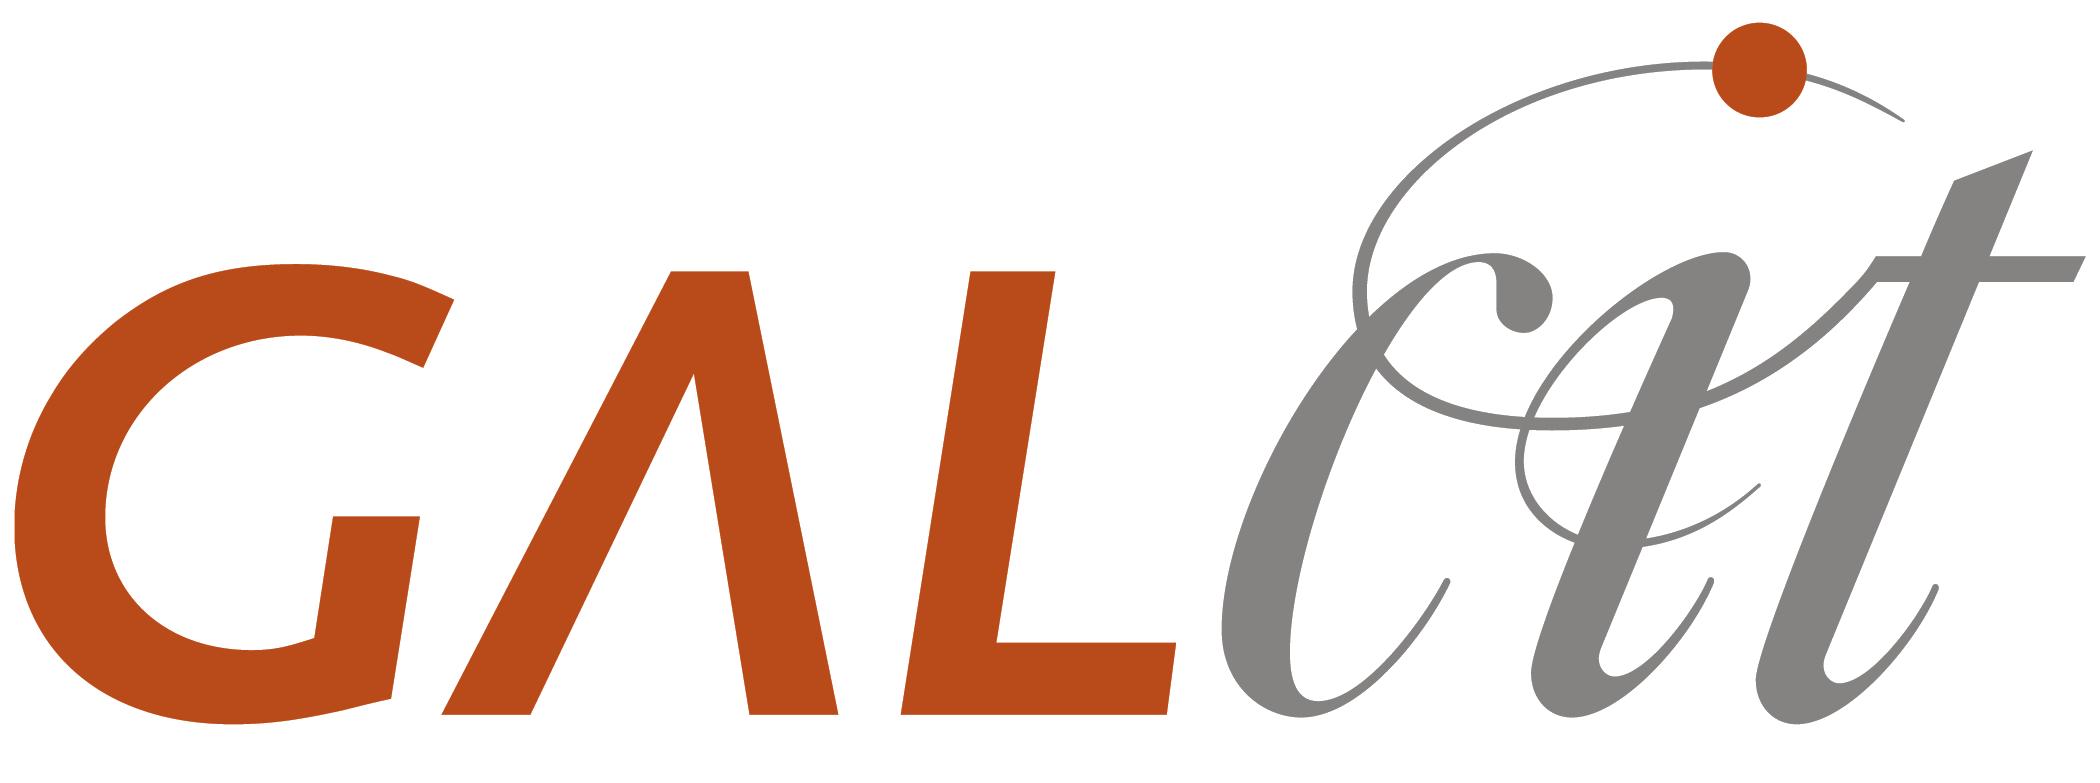 Galcit Logo